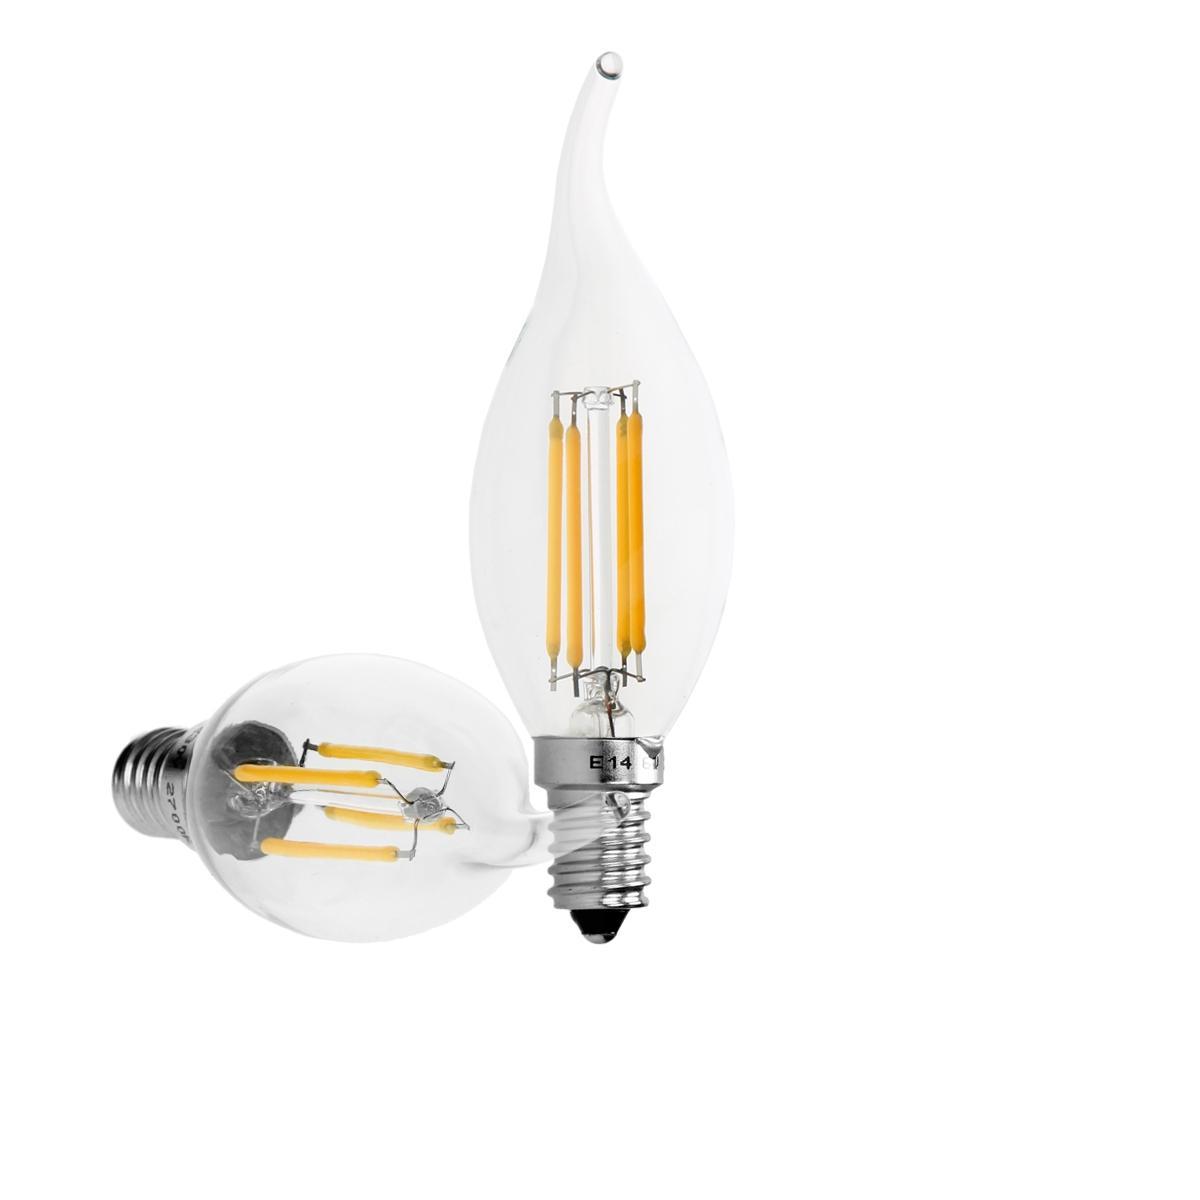 Ecd Germany 20 x Lampe LED rafale de vent filament de bougie E14 4W blanc chaud